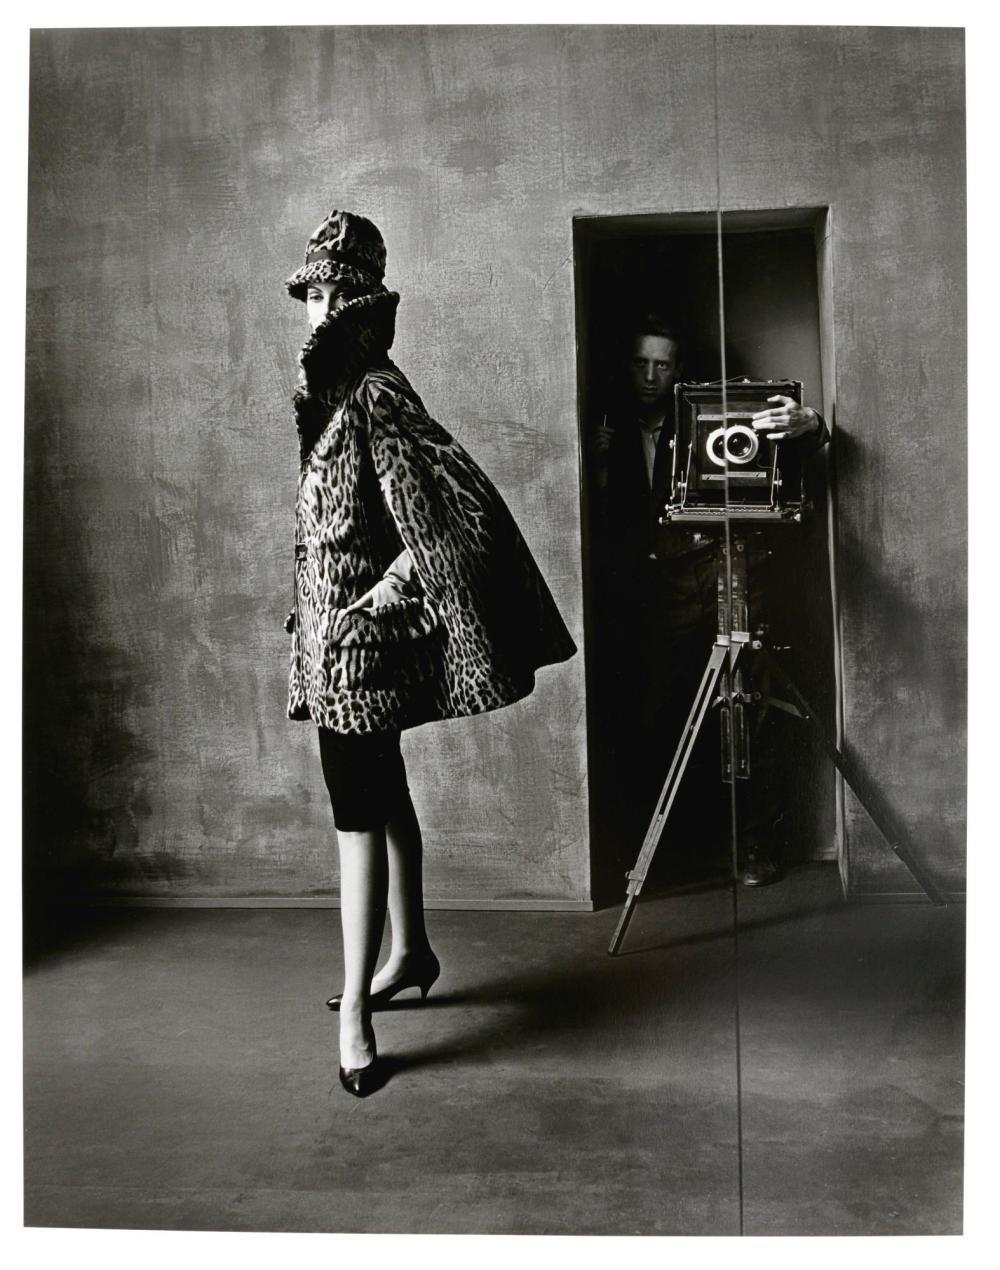 MELVIN SOKOLSKY | Las Meninas, Harper's Bazaar, New York, 1968